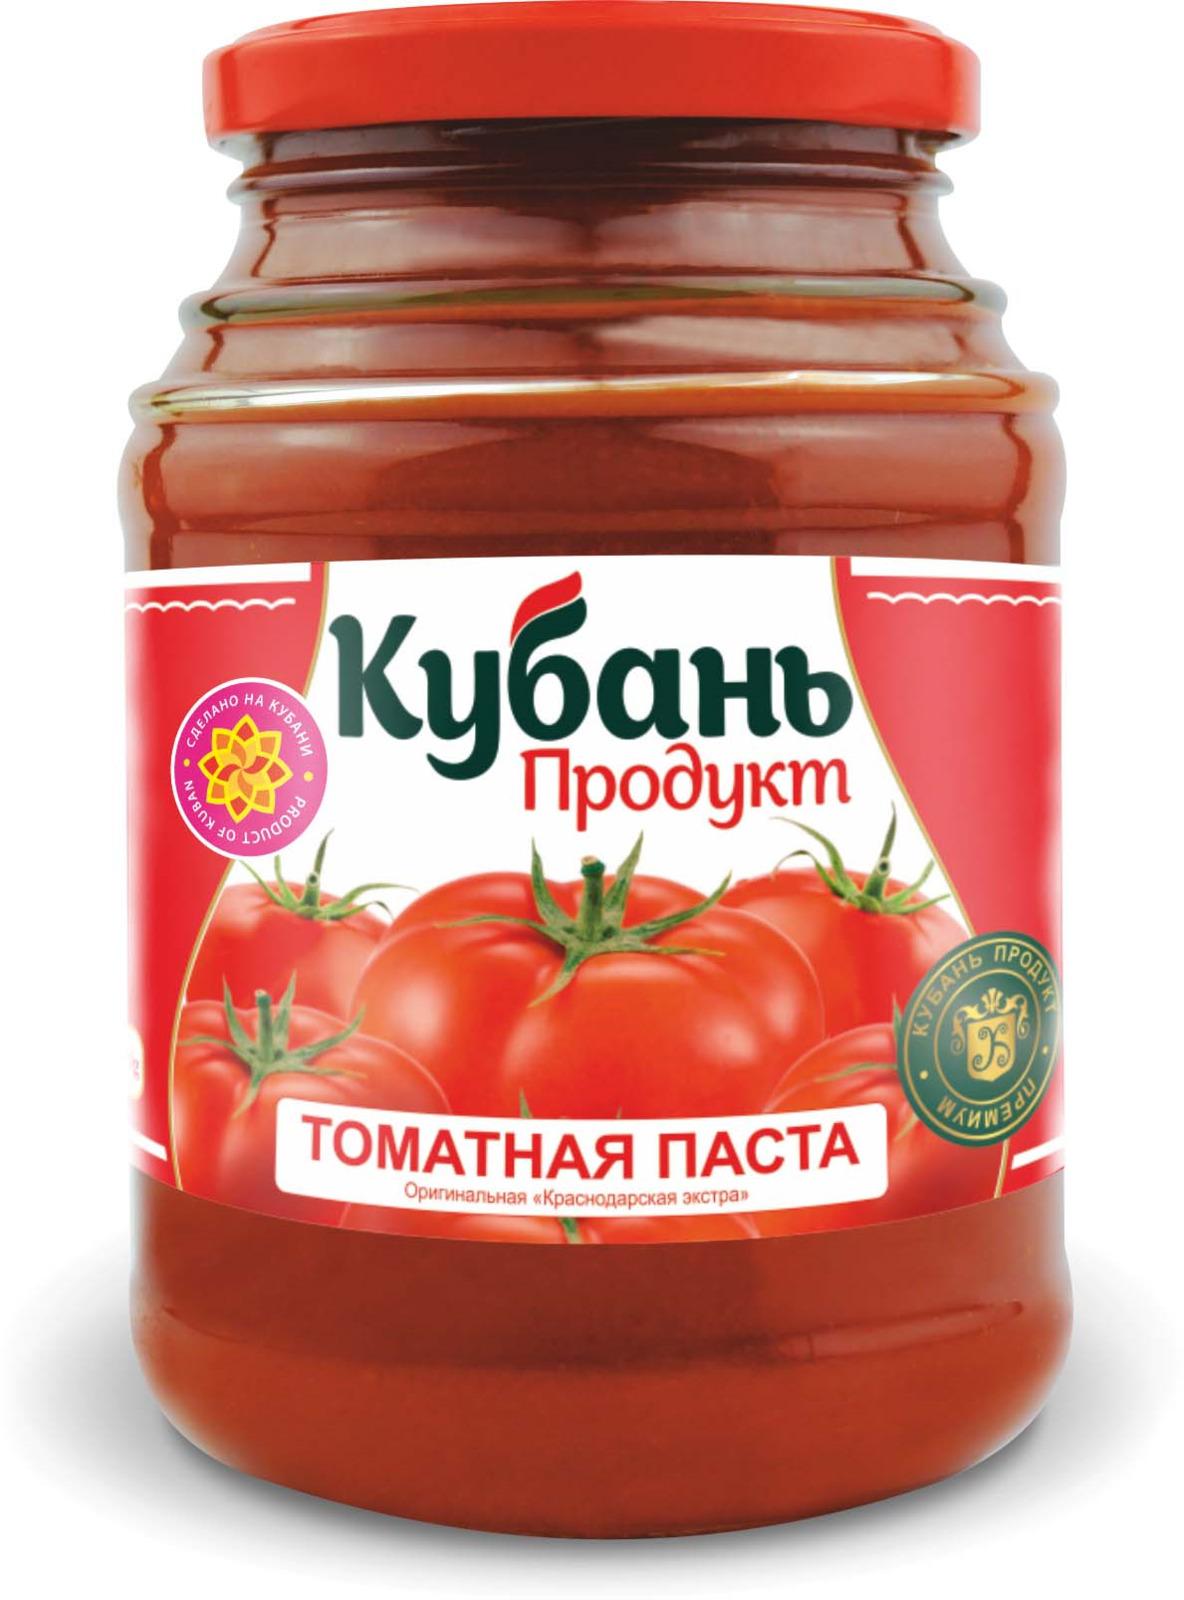 Кубань Продукт паста томатная, 280 г кубань продукт компот вишневый 1 л